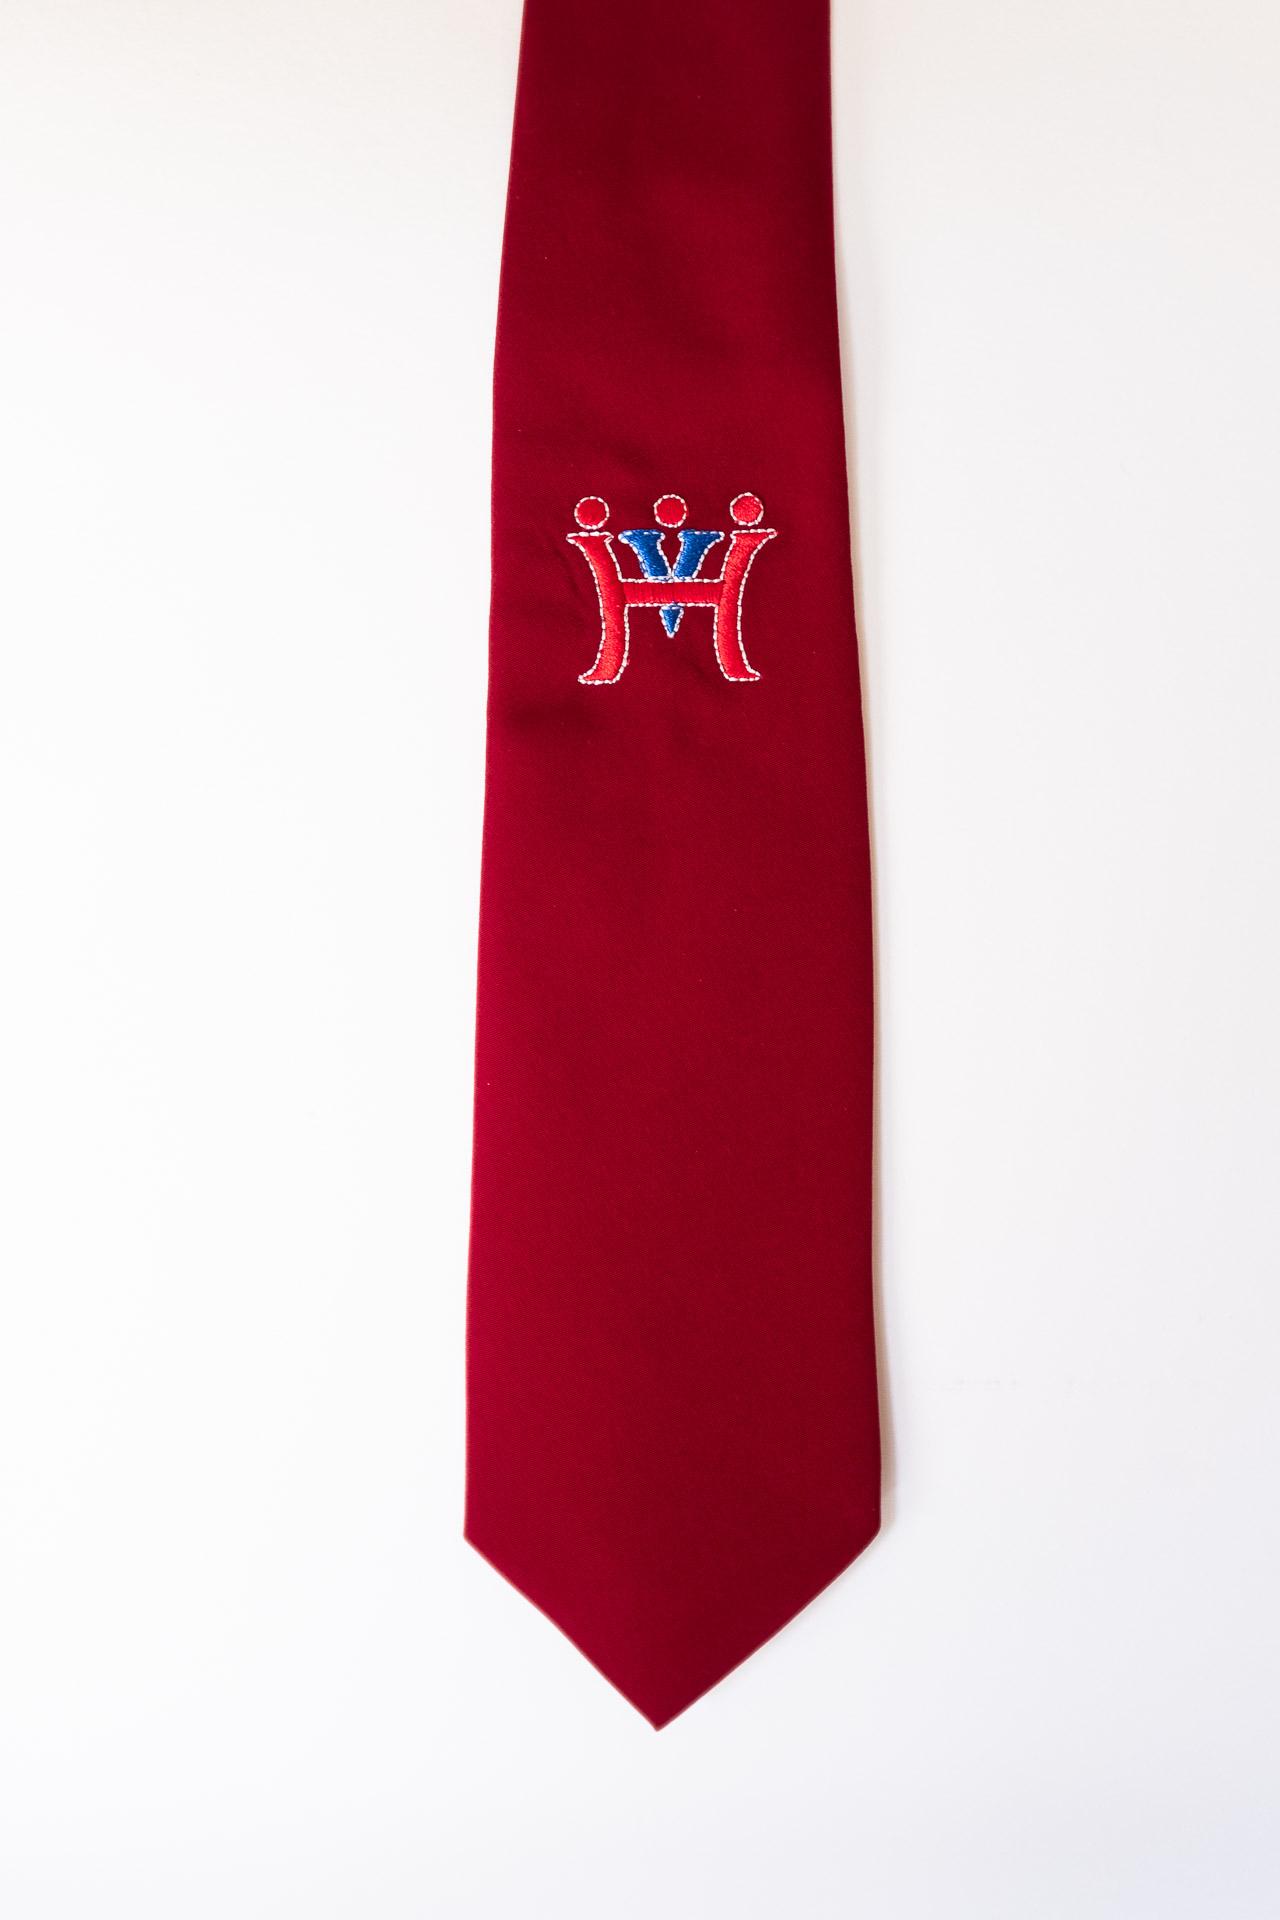 52b1de9a74 Hímzett iskolai emblémás bordó férfi ballagási egyen nyakkendő